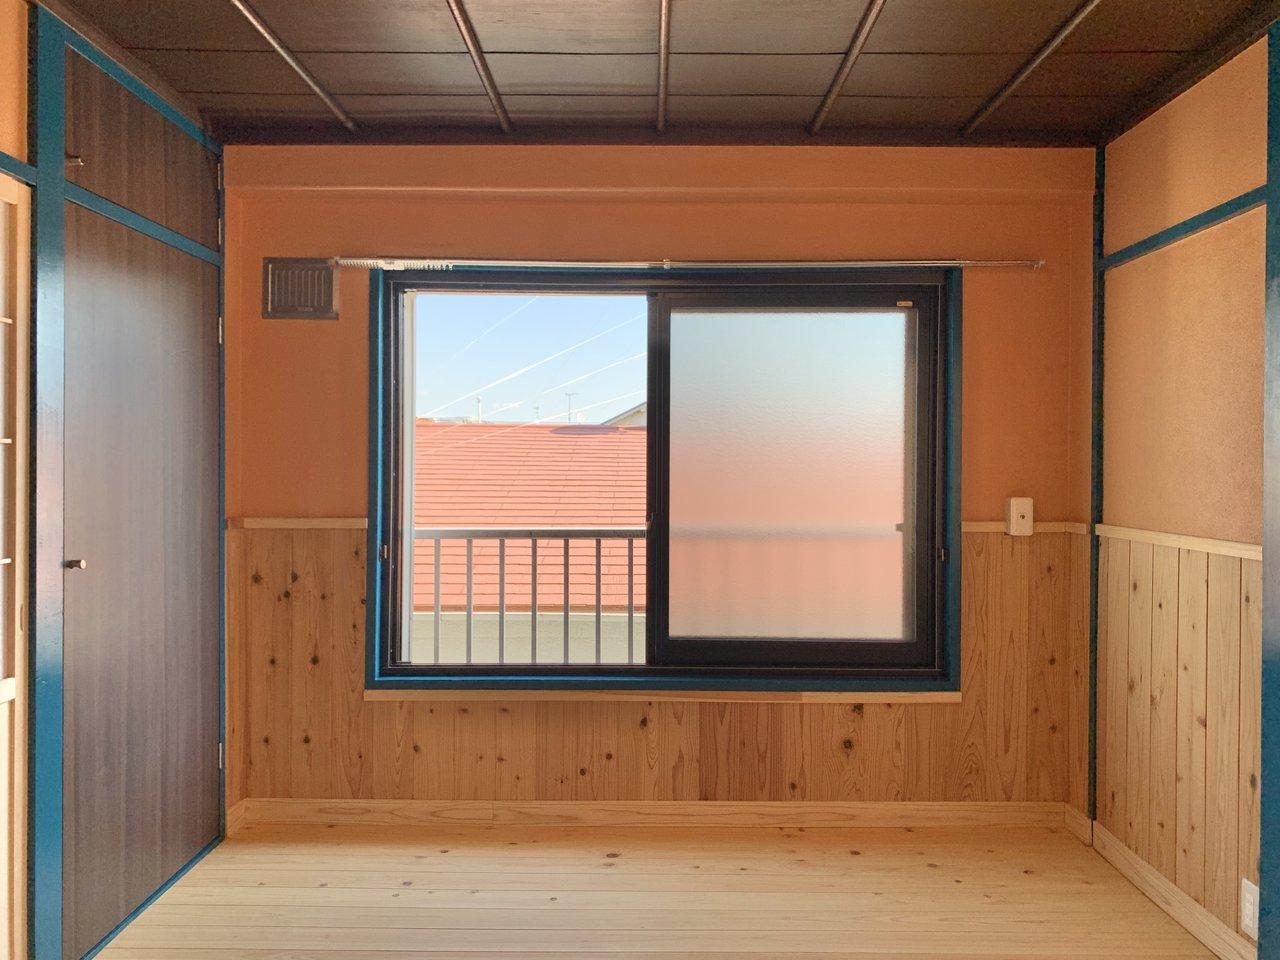 5畳のお部屋を寝室にしましょうか。キッチンと7畳の洋室の間には廊下があるので、わざわざ寝室を抜けなくてもリビングに向かえるのがいいですね。